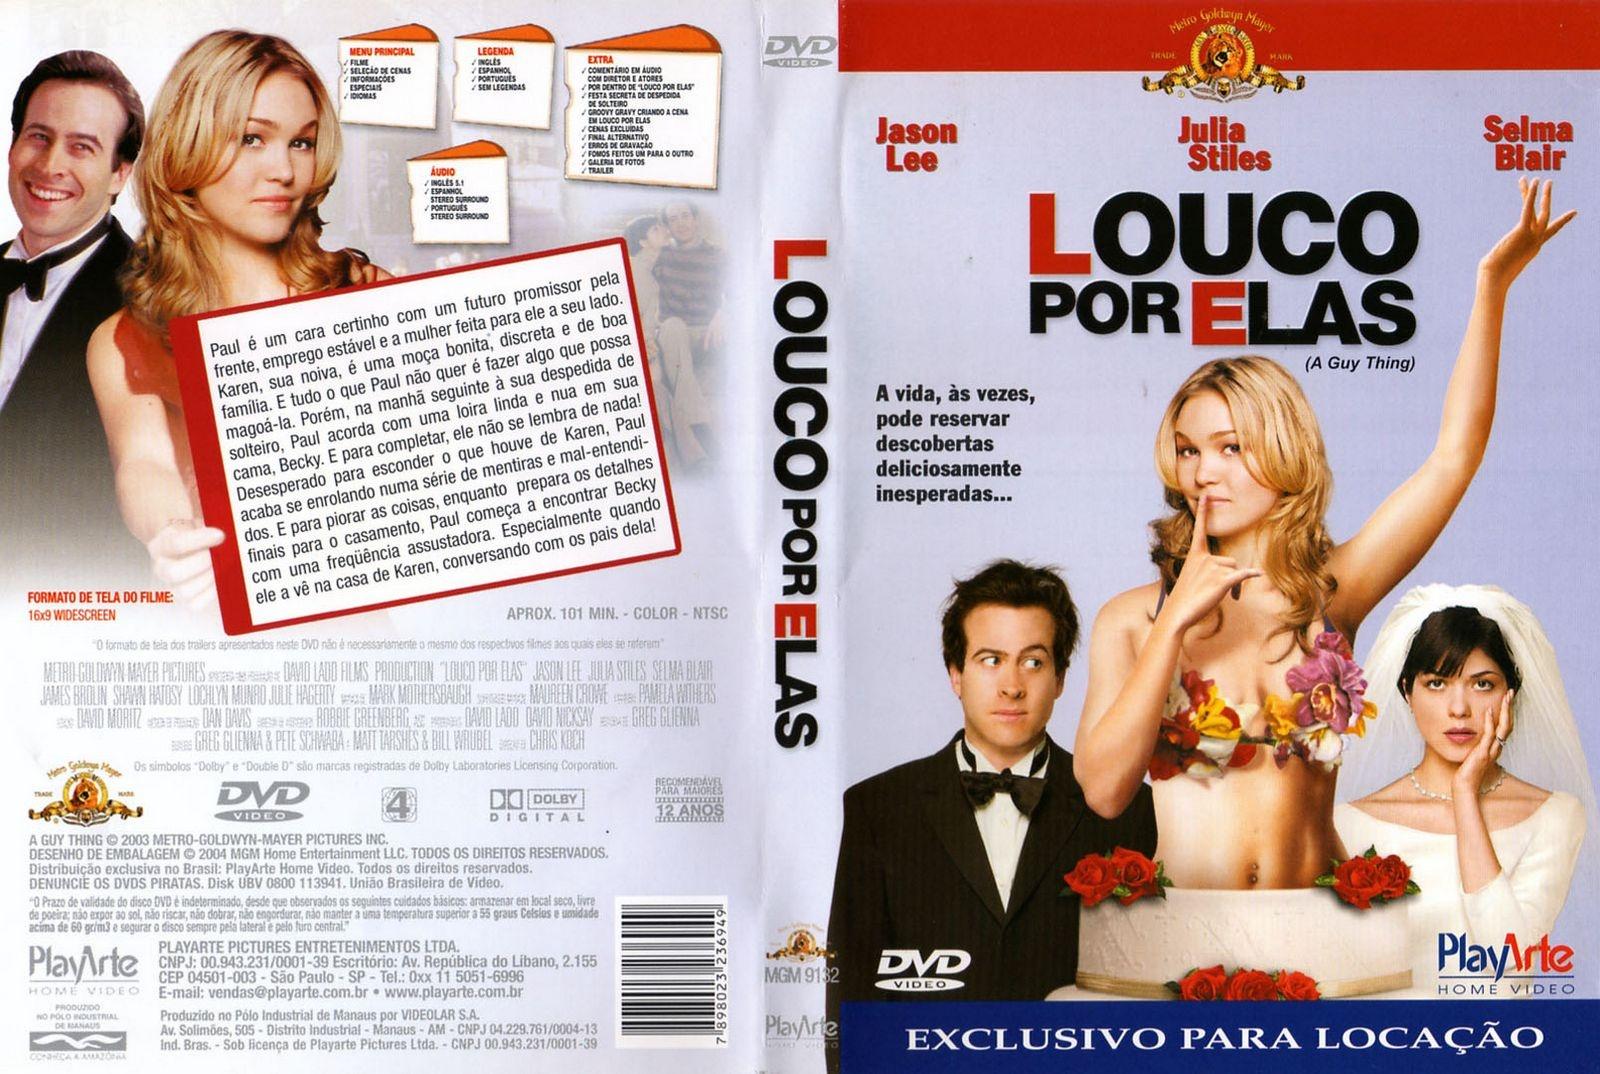 http://1.bp.blogspot.com/-5YIVzXr8PfI/Tg94E6pyvjI/AAAAAAAABDM/iFuCo-xDJrQ/s1600/Louco+Por+Elas.jpg